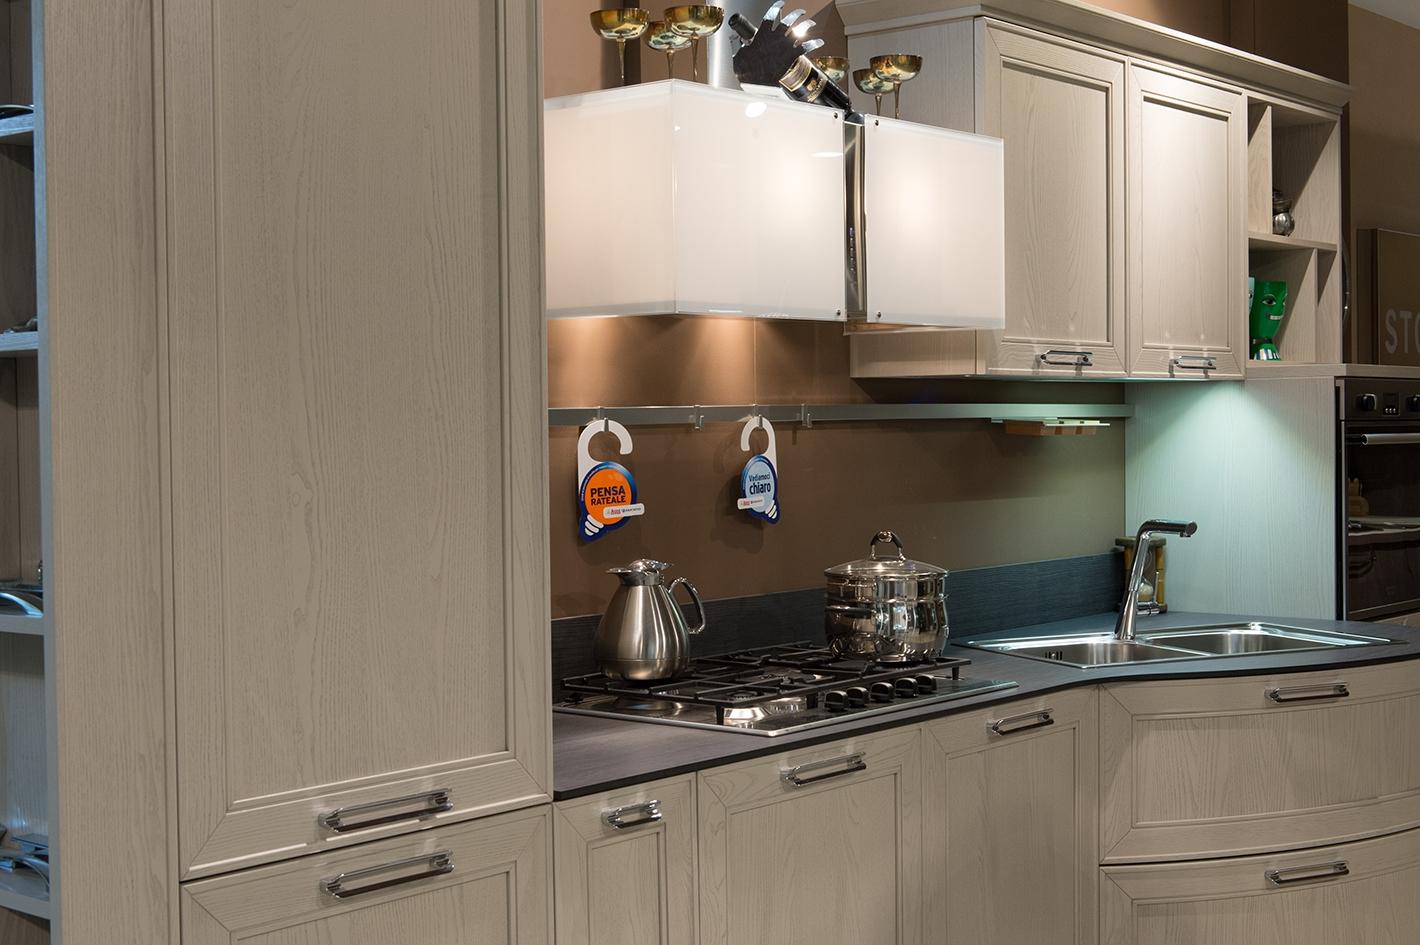 Cucina stosa maxim completa di elettrodomestici cucine a for Stosa cucina